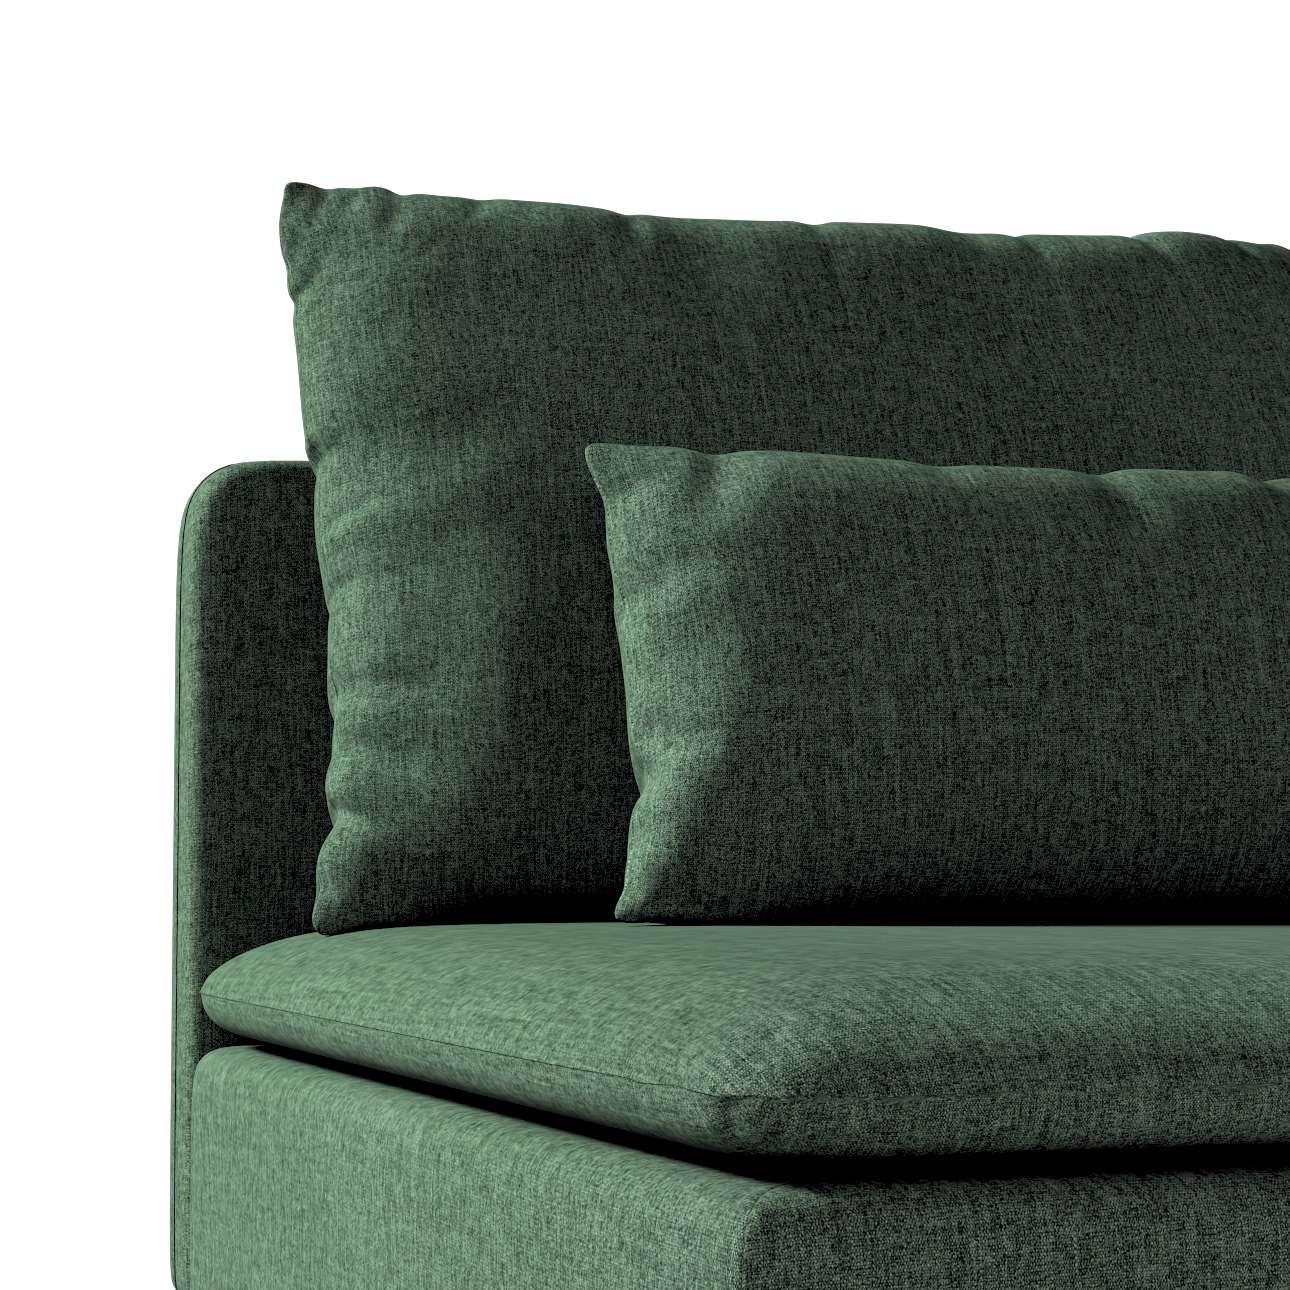 Bezug für Söderhamn Sitzelement 1 von der Kollektion City, Stoff: 704-81